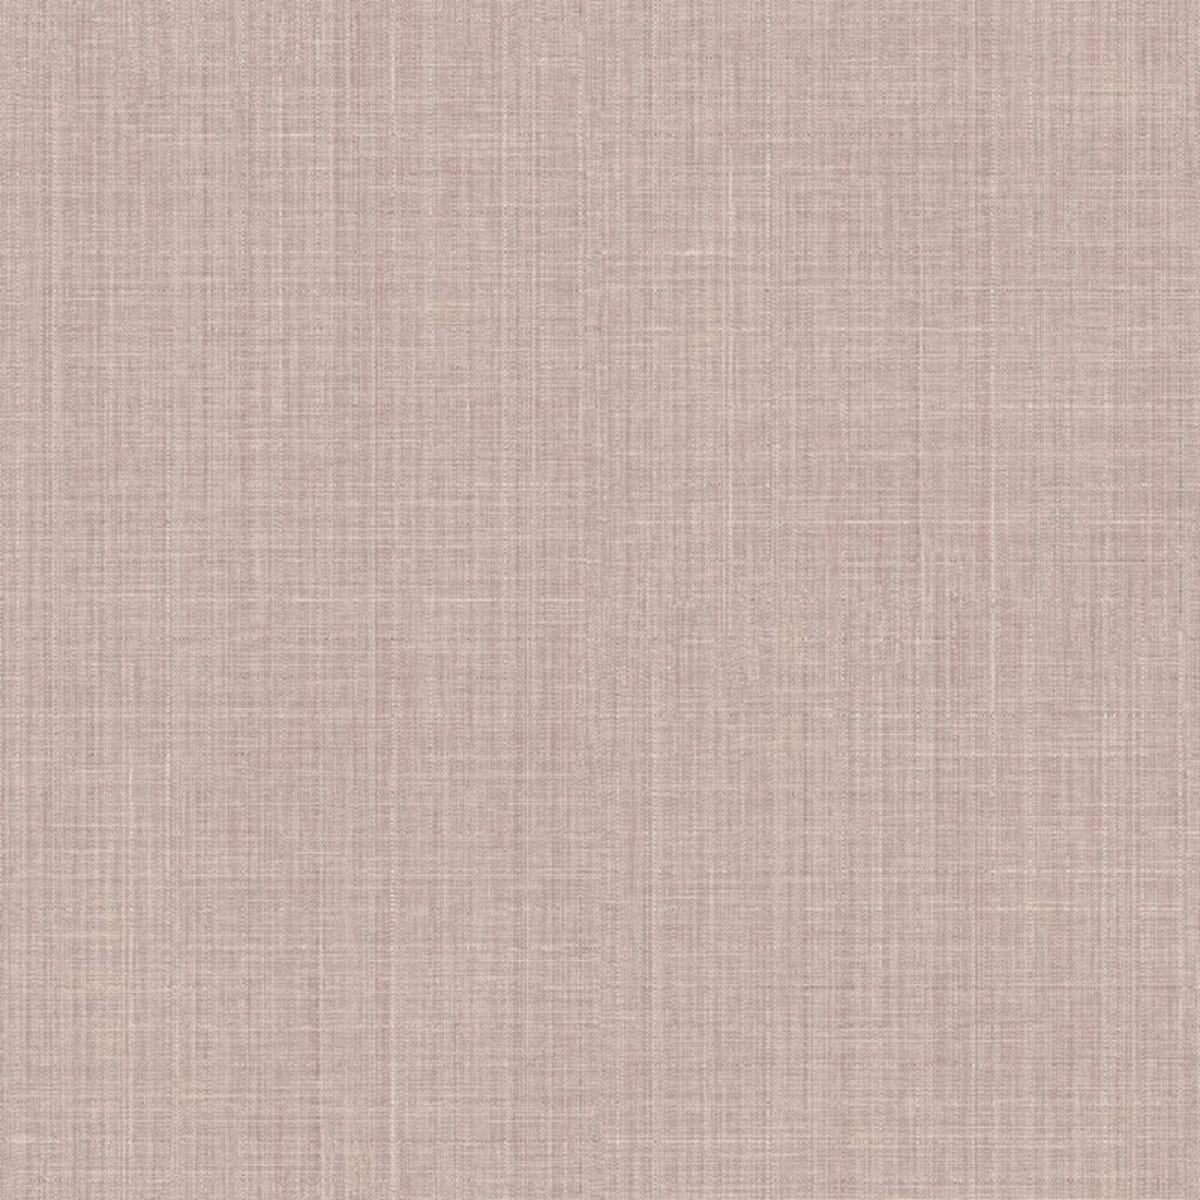 Виниловые обои Aura розовые G34137 0.53 м